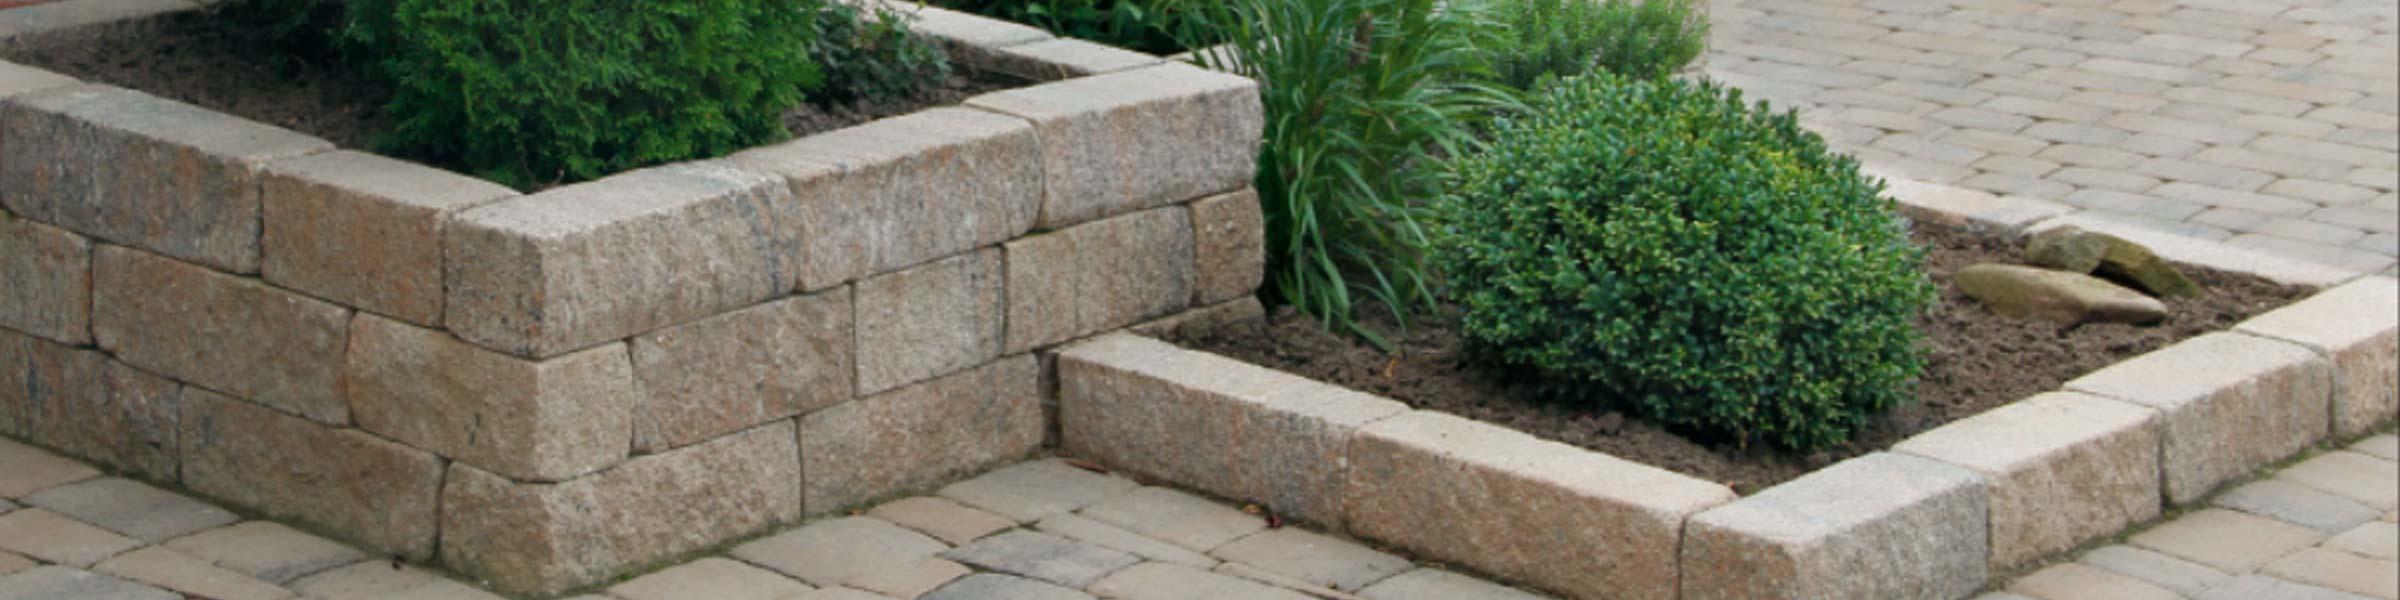 Gartengestaltung Mauersteine, pflastersteine – individuelle gartengestaltung | dehner, Design ideen